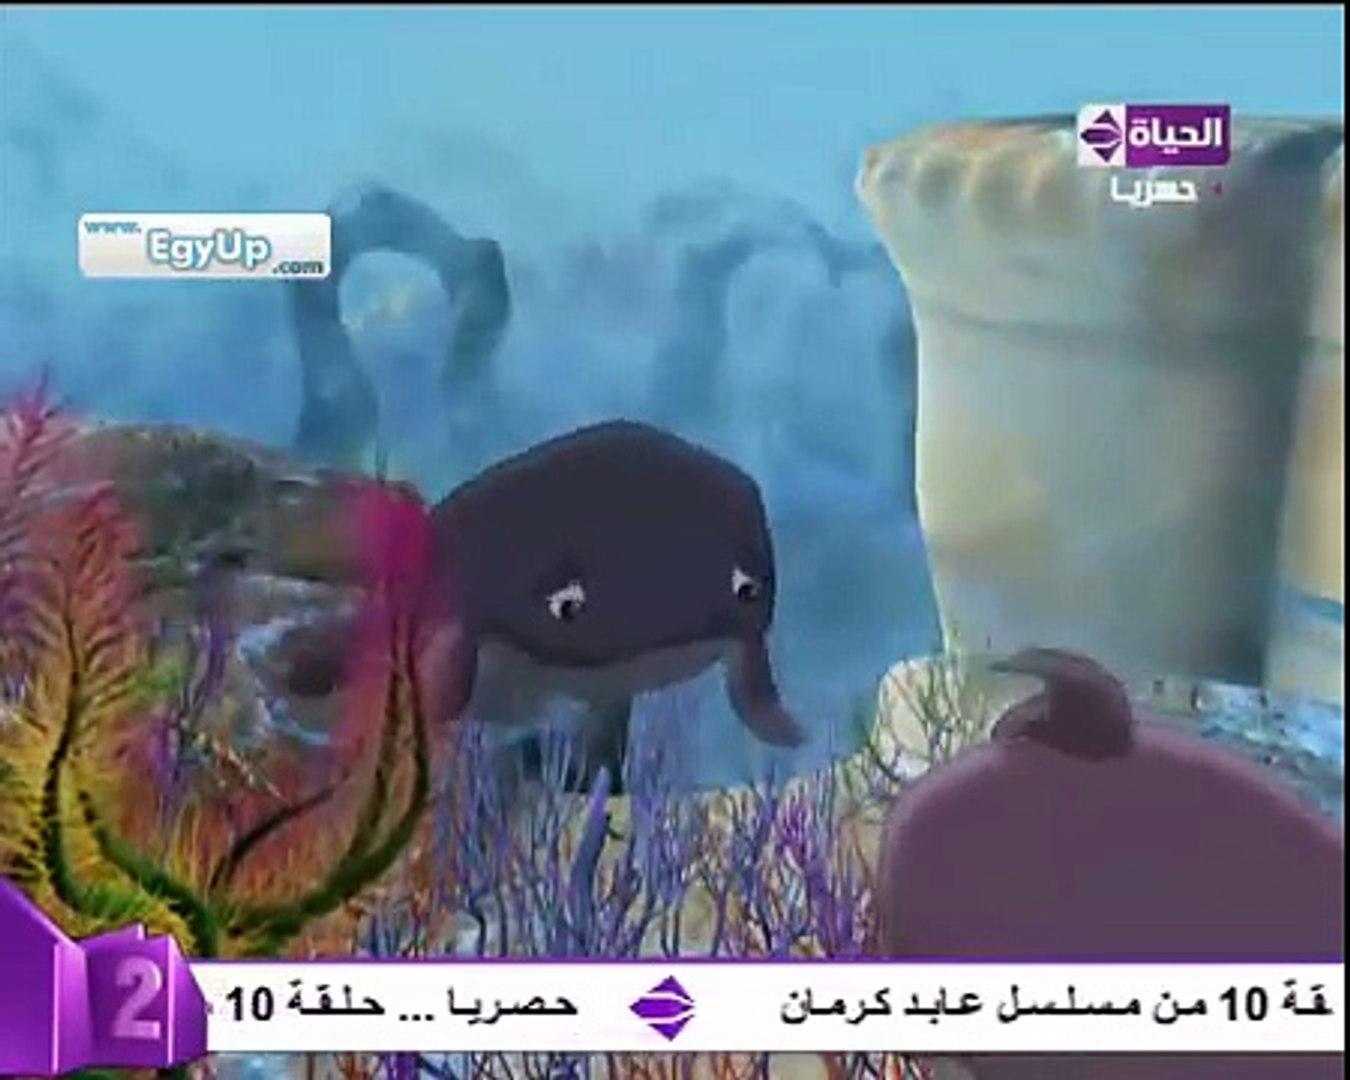 مسلسل قصص الحيوان في القرآن الحلقة العاشرة